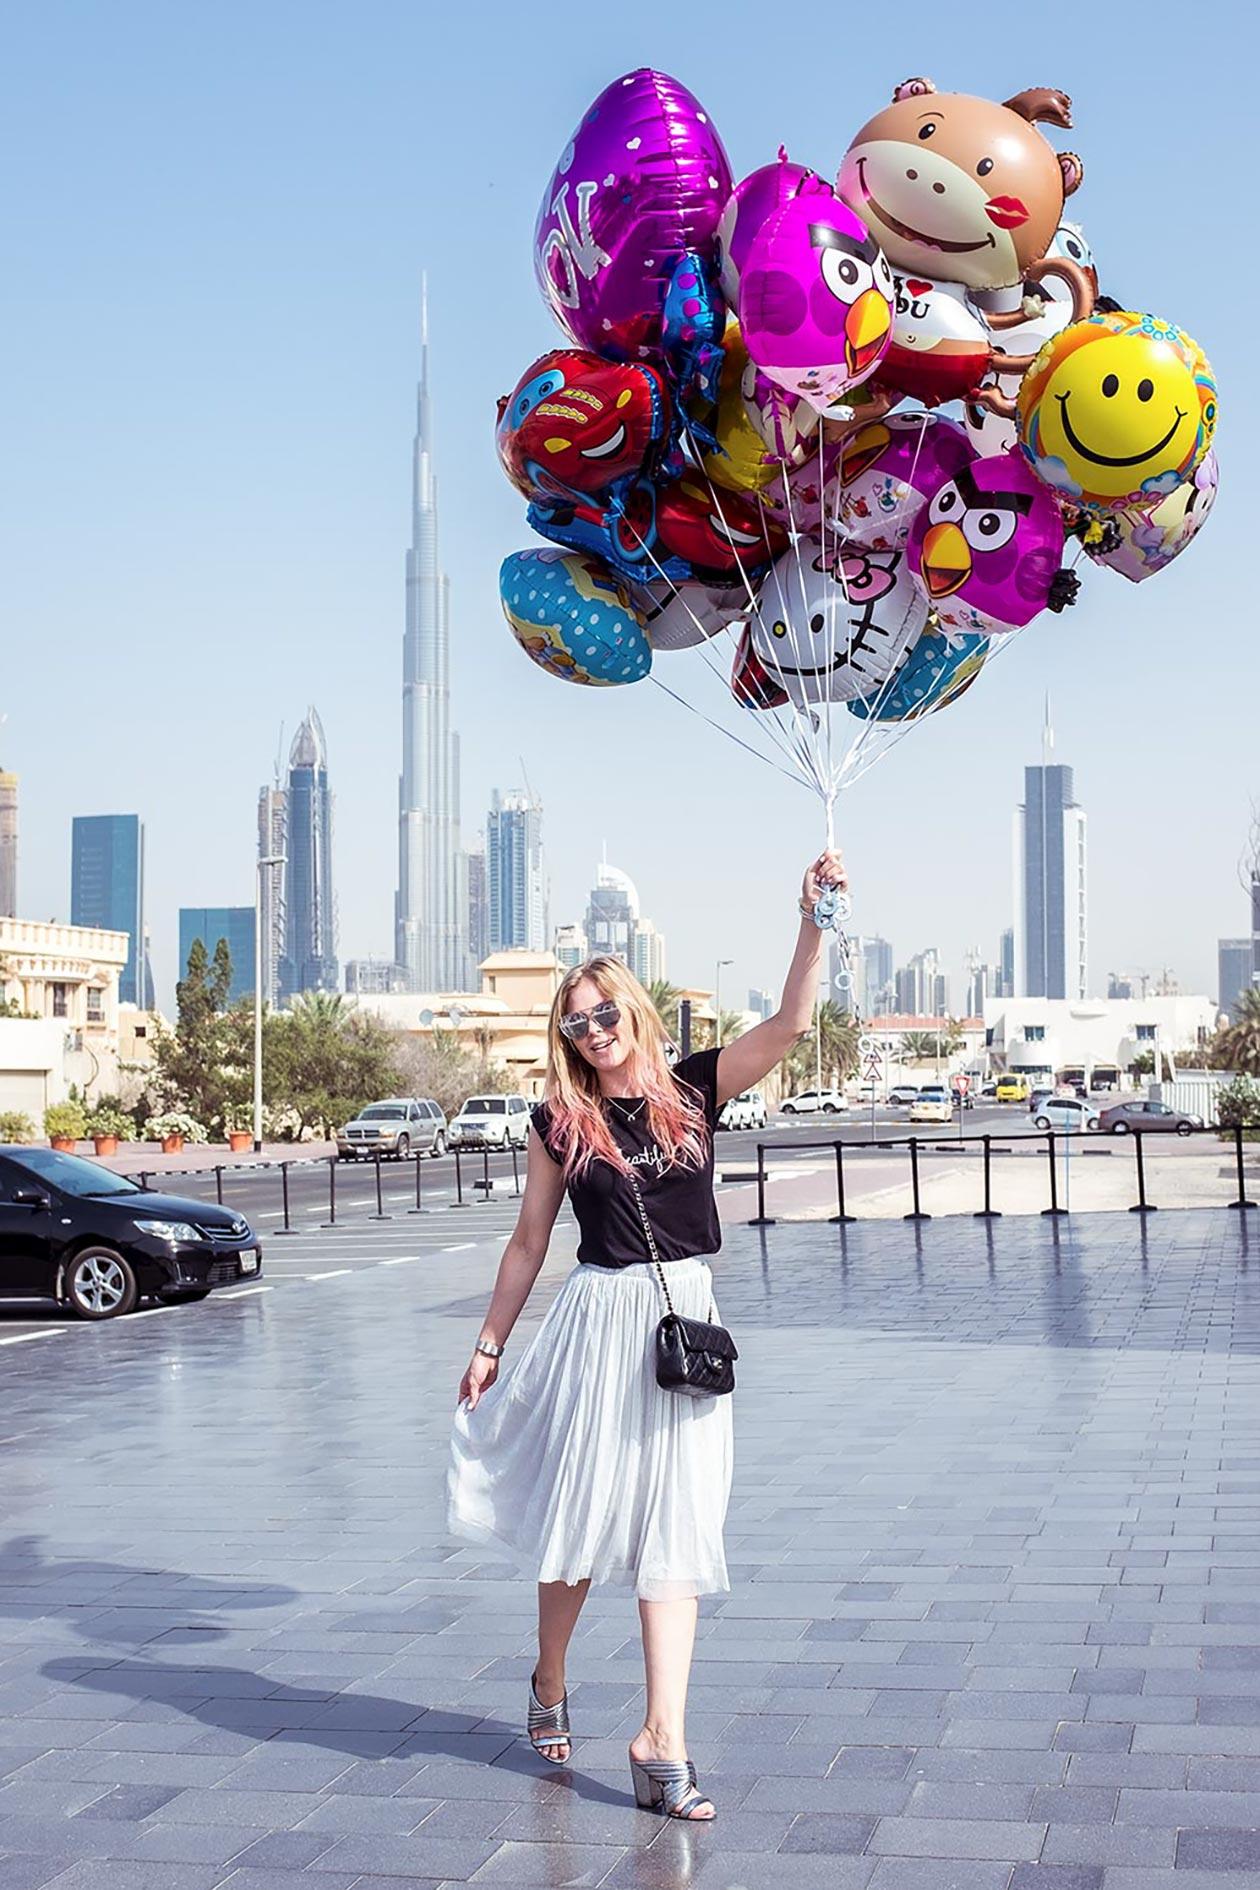 BoxPark Dubai Sunnyinga Ballons Burj Khalifa Travelblog